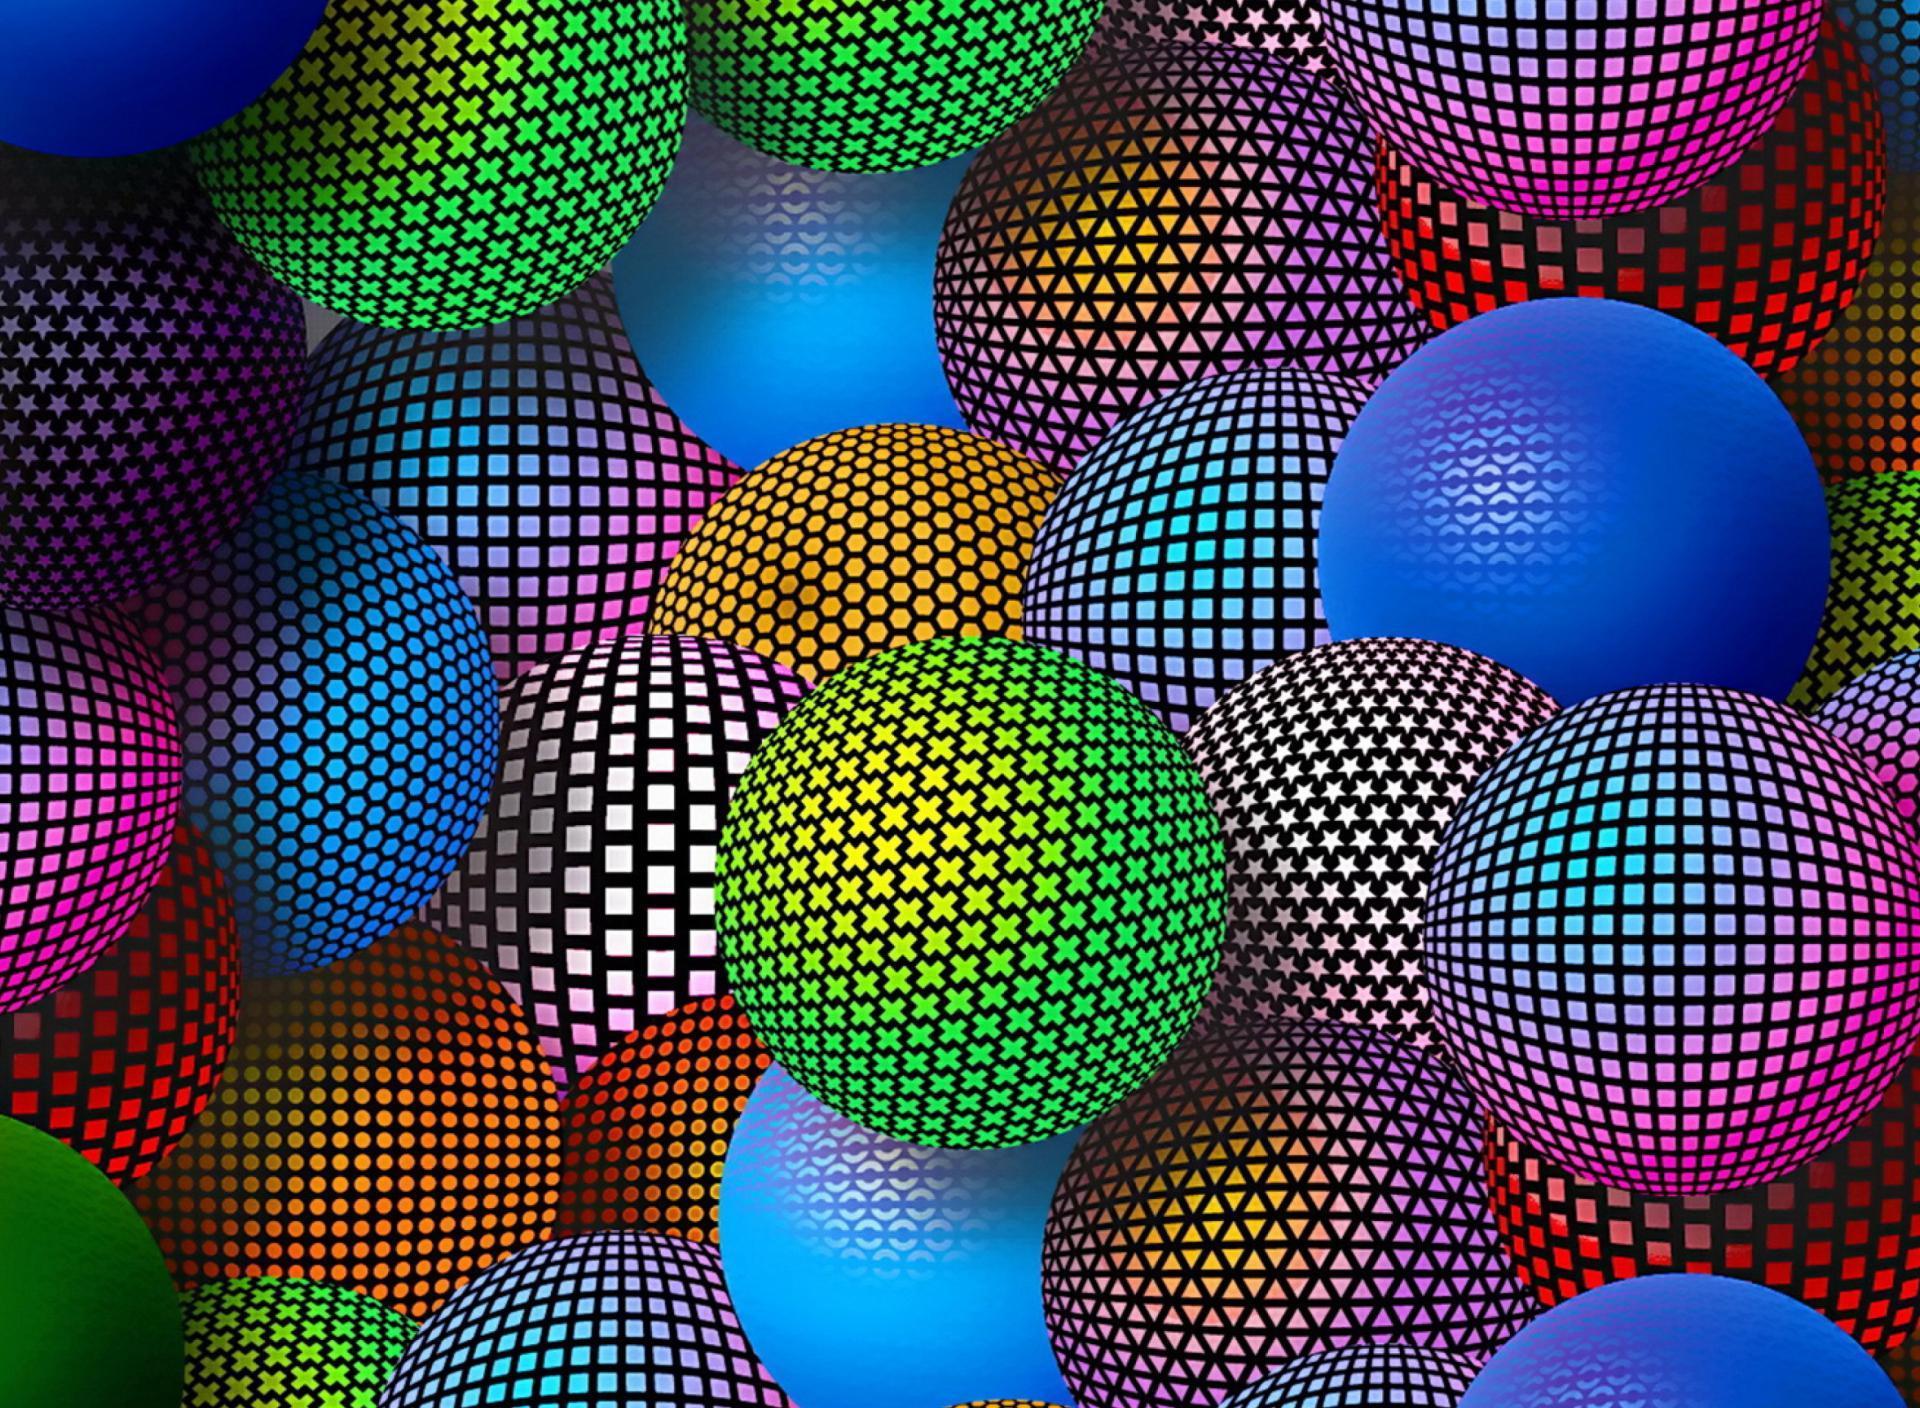 Fondo colorido con circulos en 3D